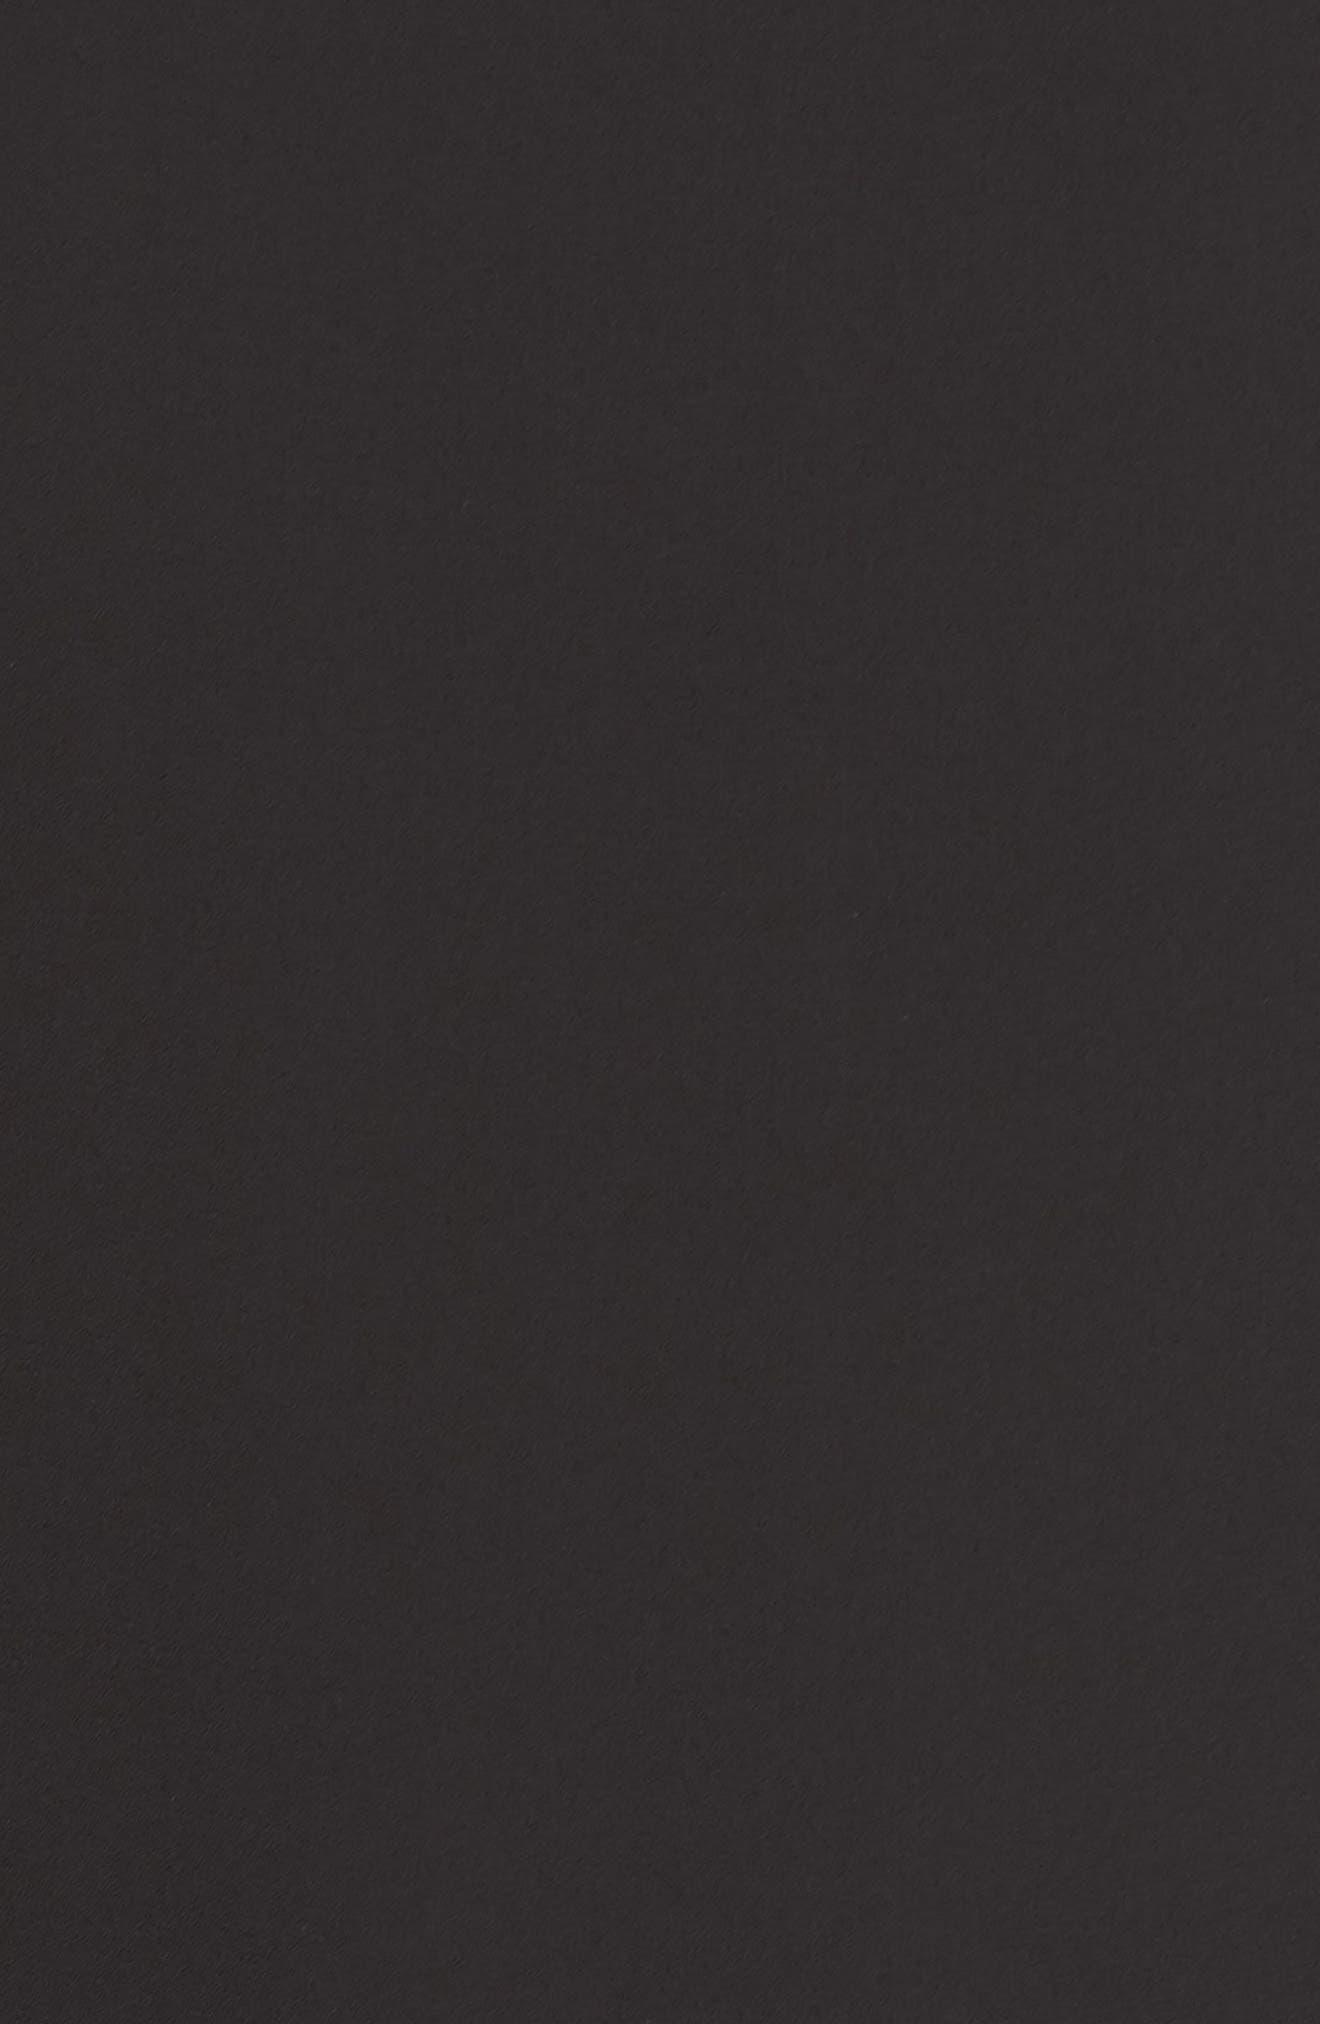 Bell Sleeve Dress,                             Alternate thumbnail 6, color,                             BLACK